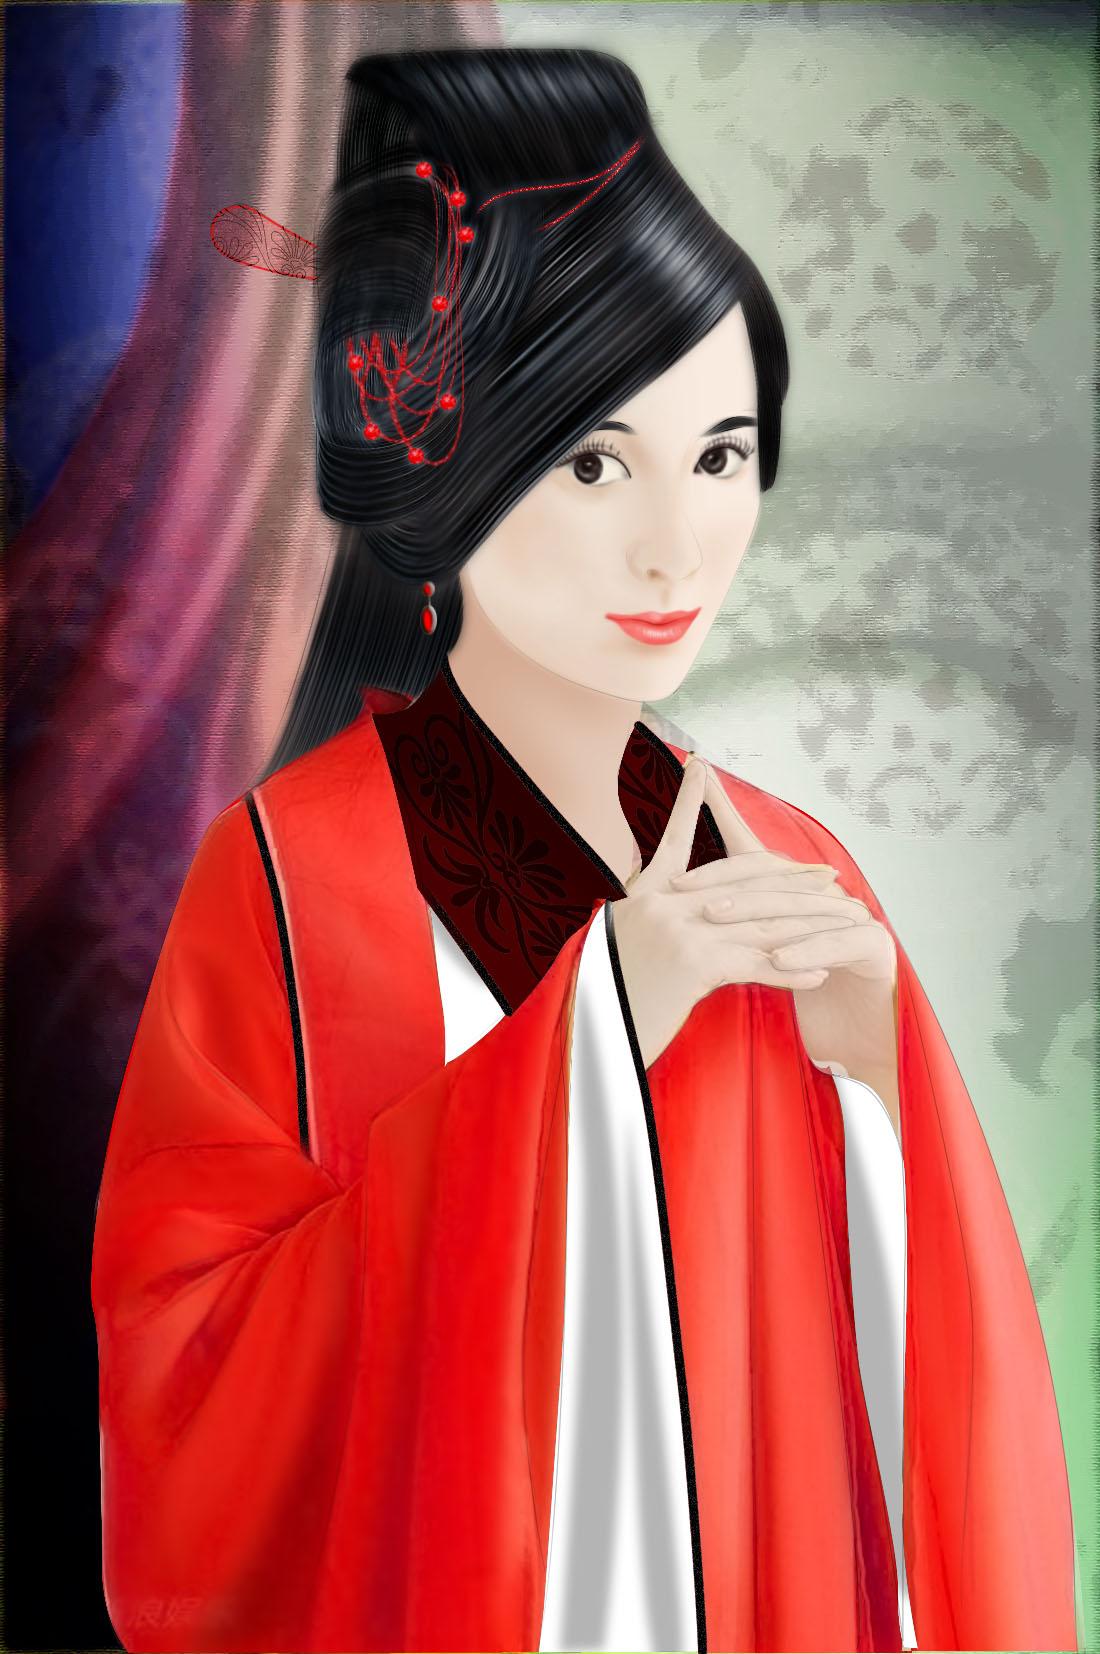 手绘古装红衣黑衣美女